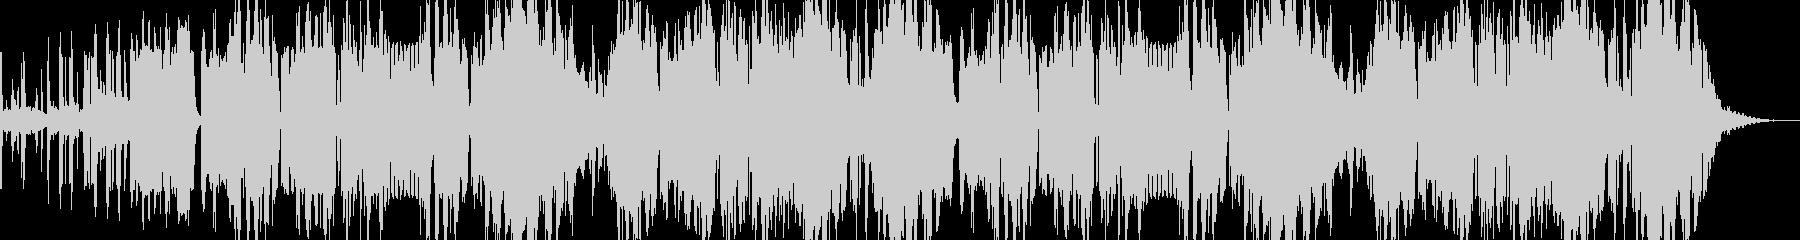 【CM】ダークな雰囲気を演出した一曲 の未再生の波形